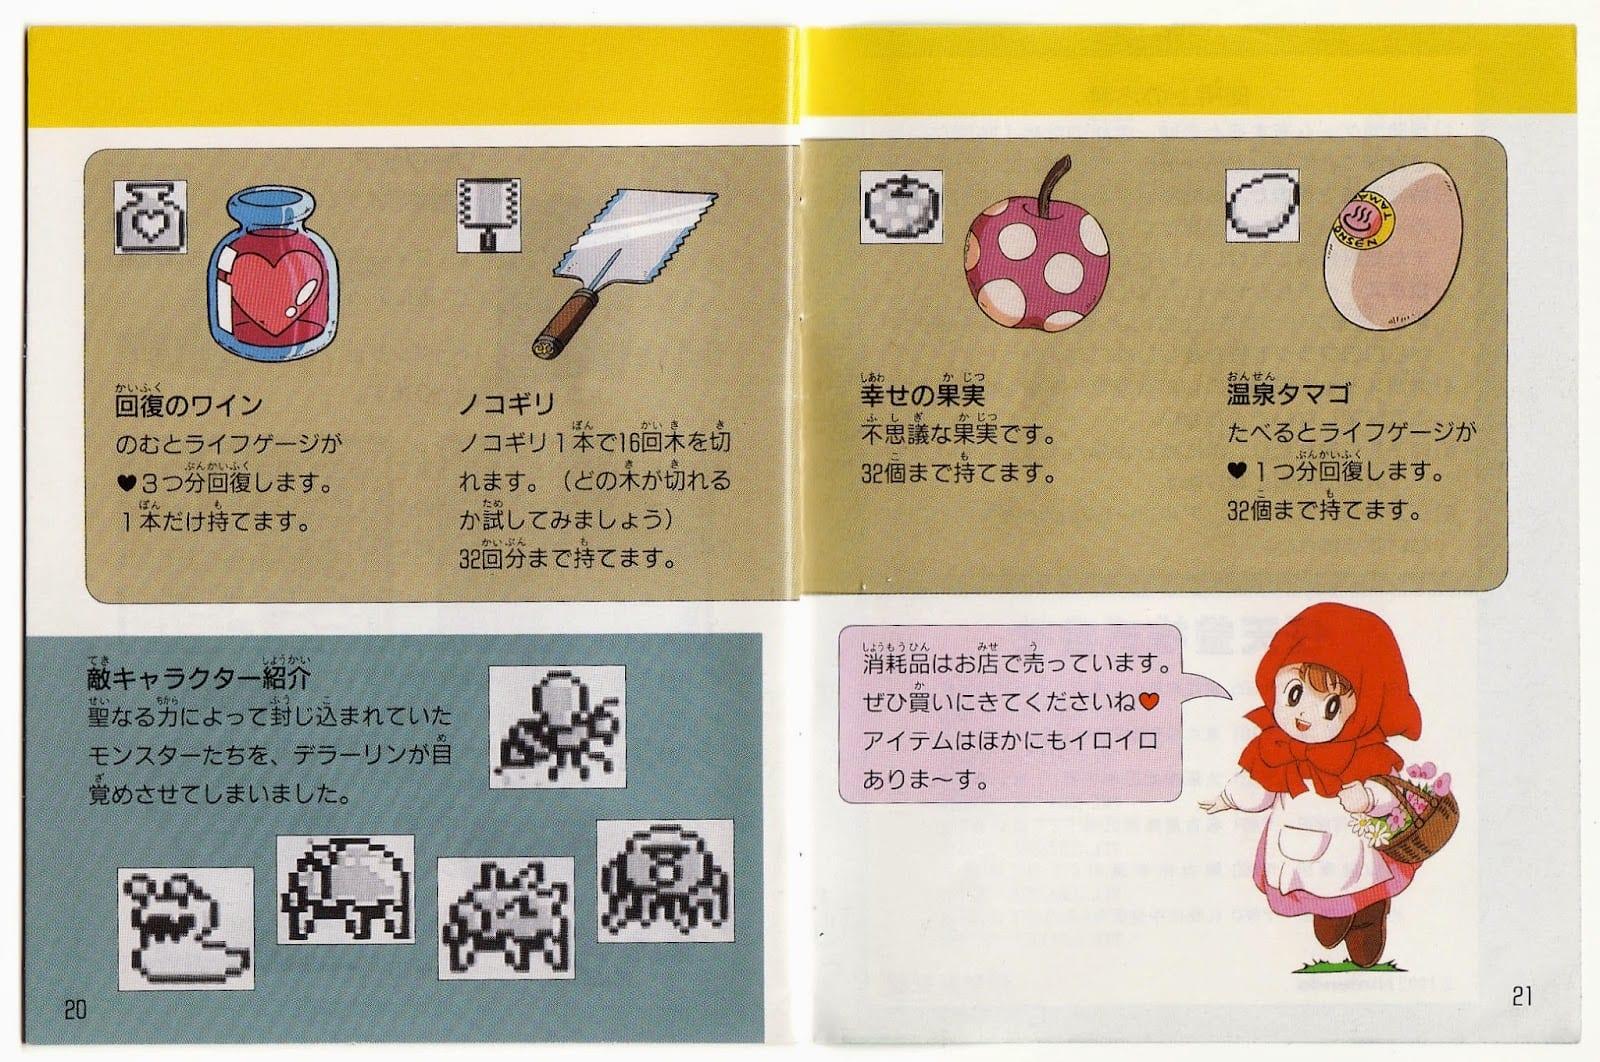 JYzO5qP - 渋谷の女子高生87%「ゲームボーイのカエルの為に鐘は鳴るをやったことがない」